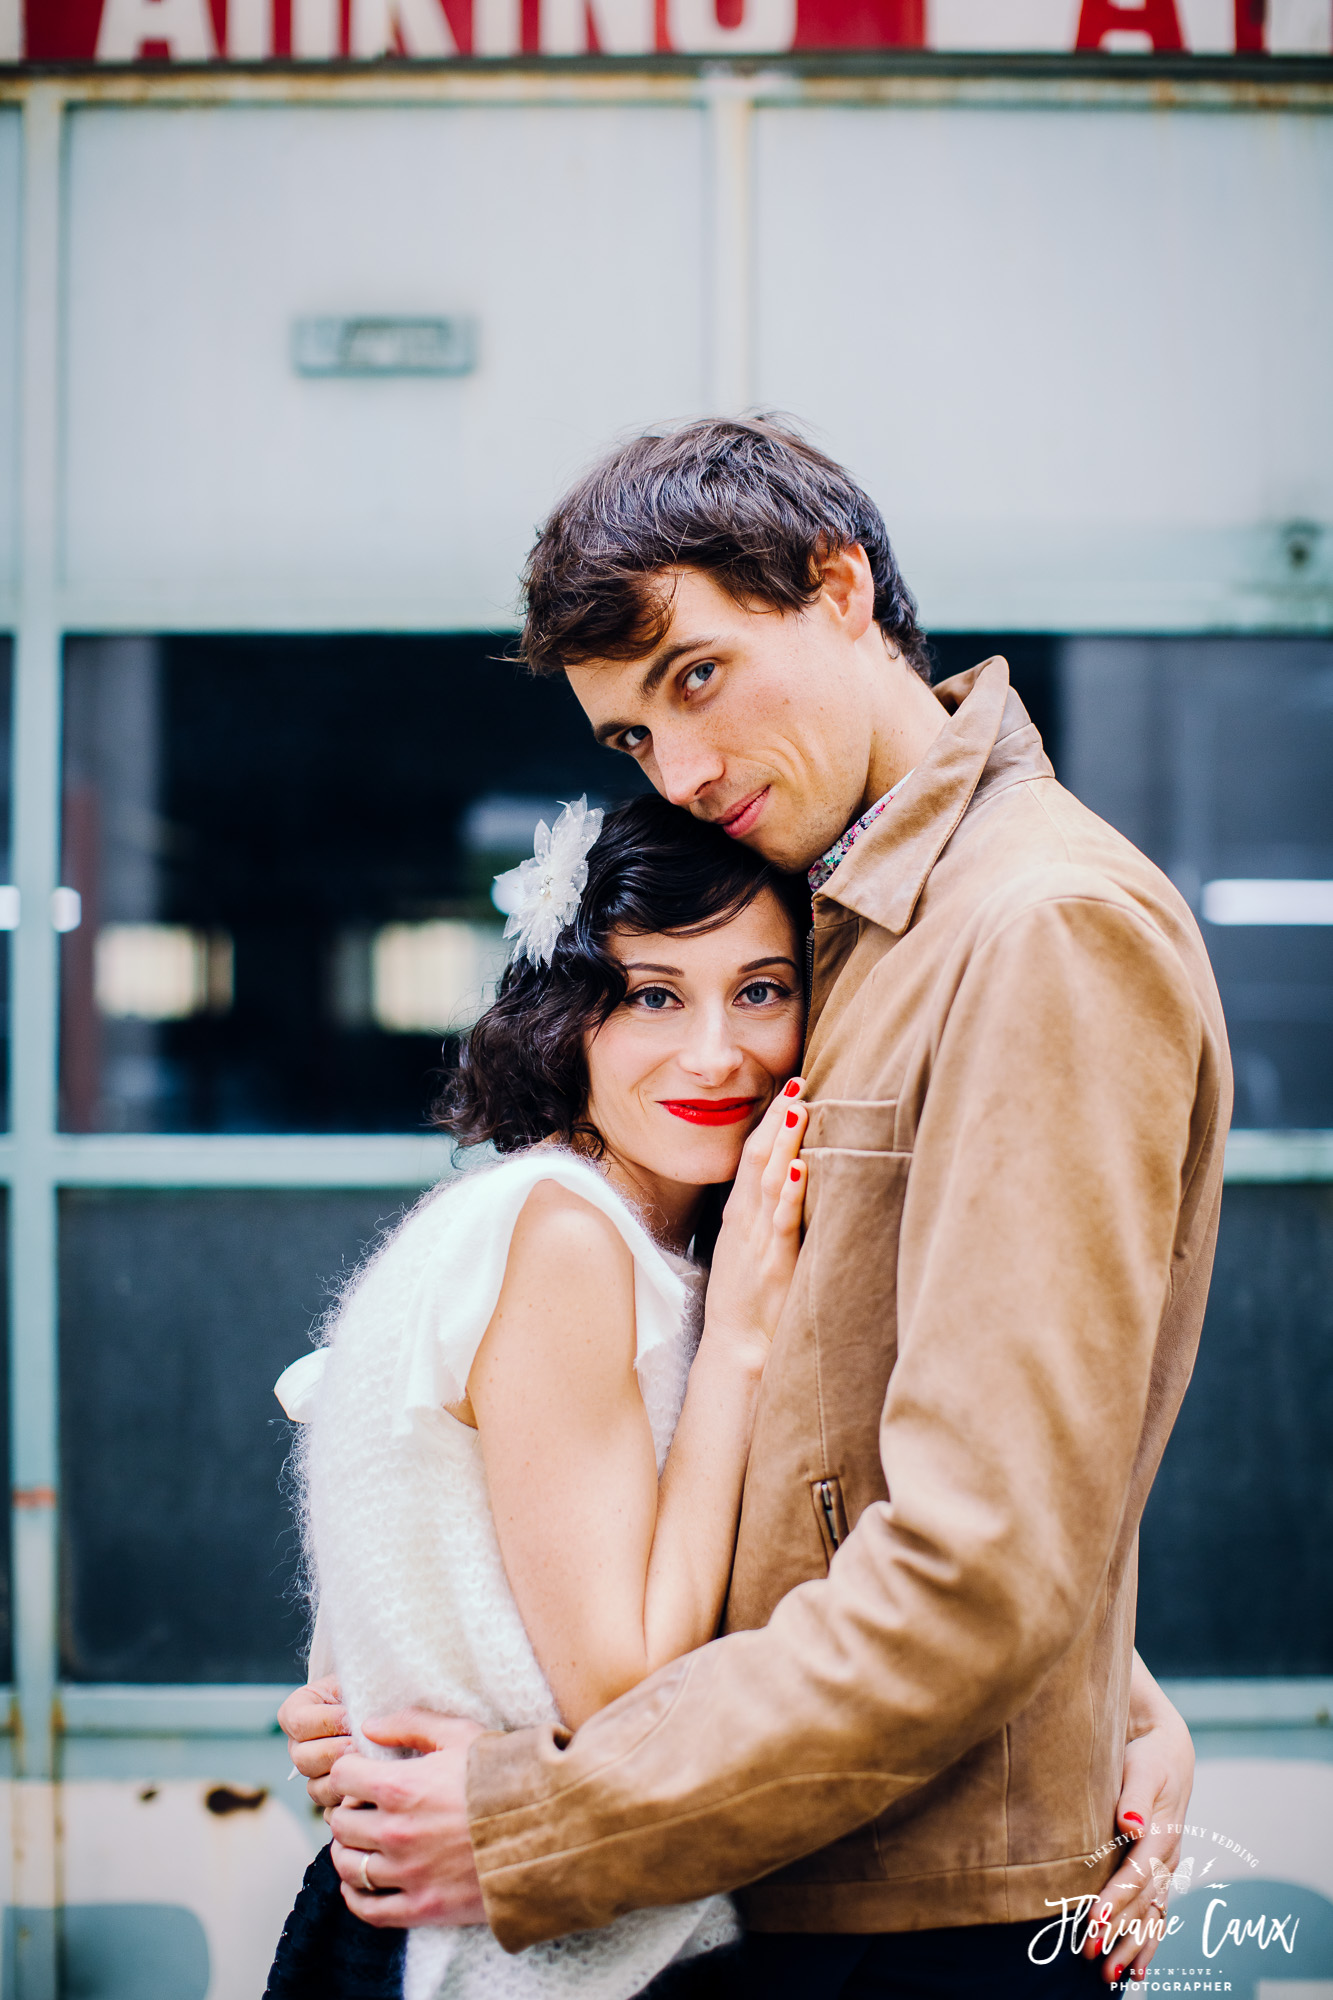 anniversaire de mariage surprise - Photographe Lyon